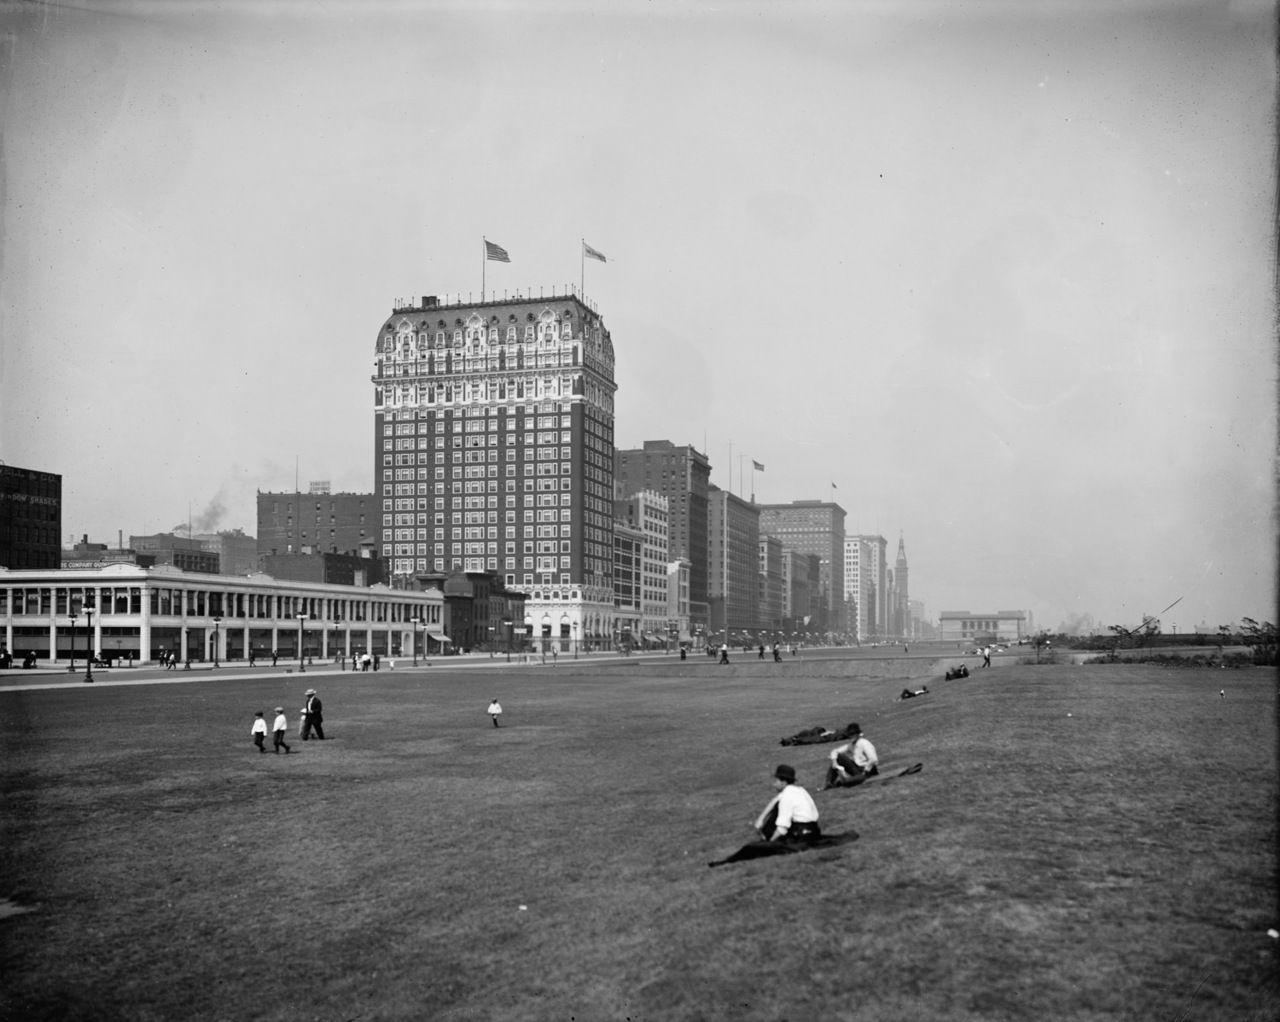 1910 michigan avenue the art institute blackstone hotel